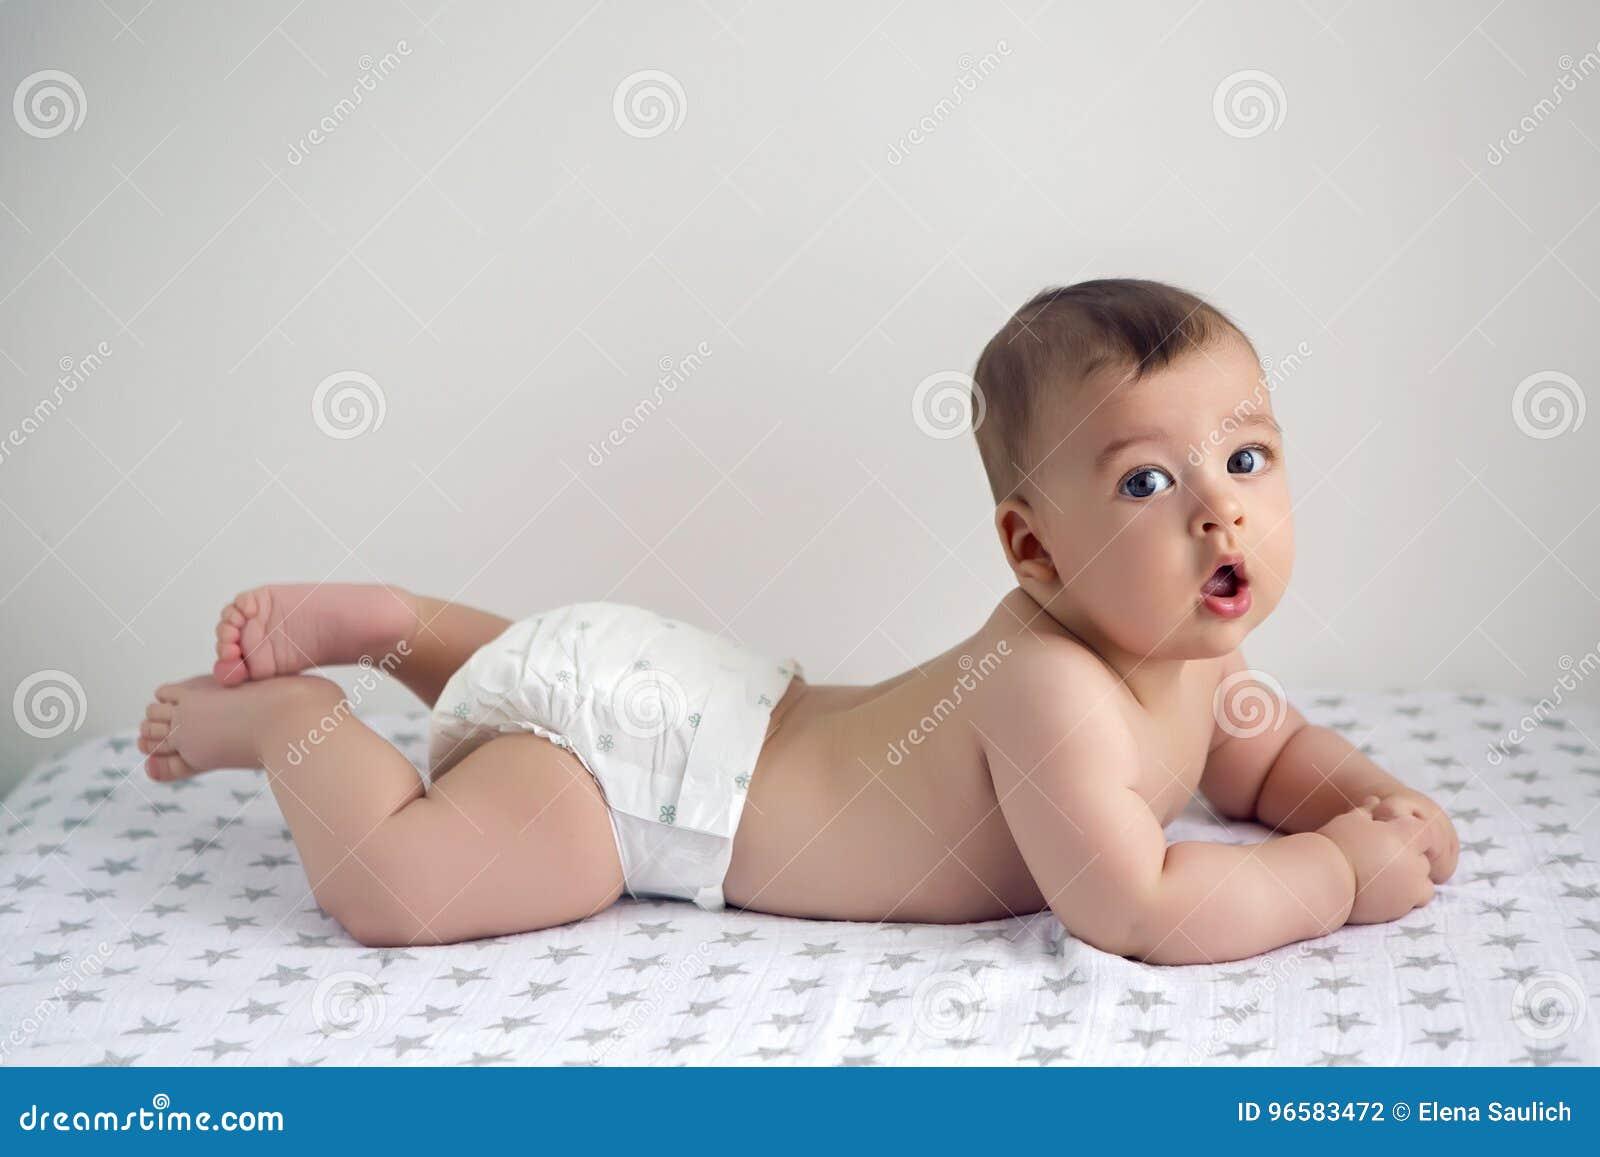 e8386e007f1e8 Bébé nu dans des couches-culottes se trouvant sur son ventre sur la couche-culotte  avec des étoiles